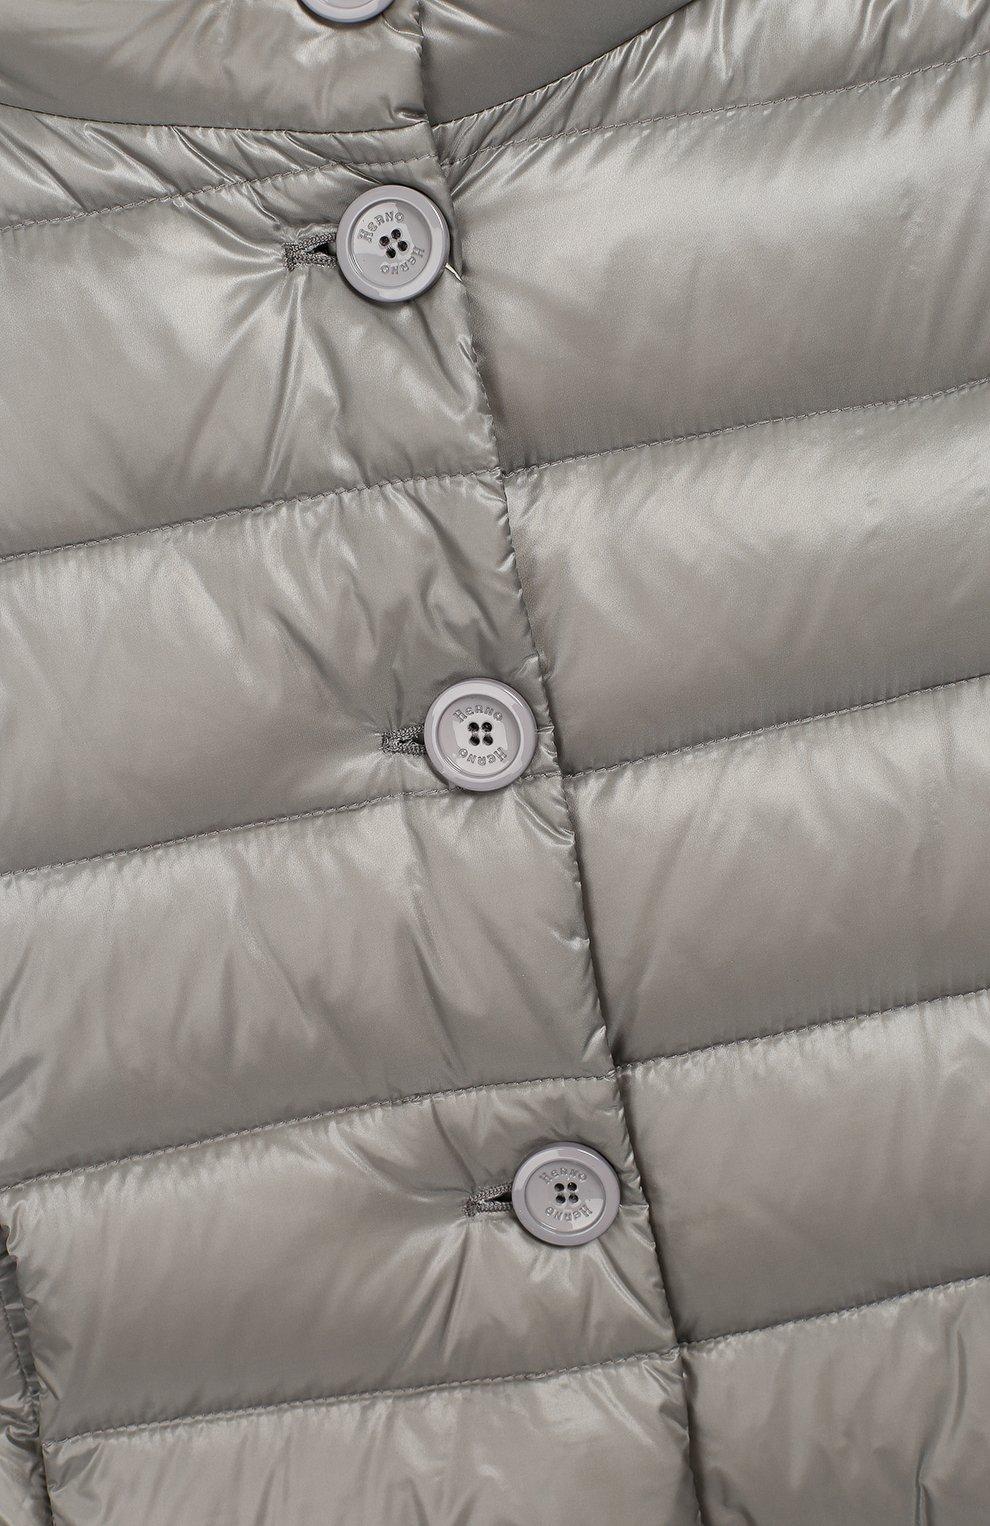 Пуховое пальто с капюшоном | Фото №3